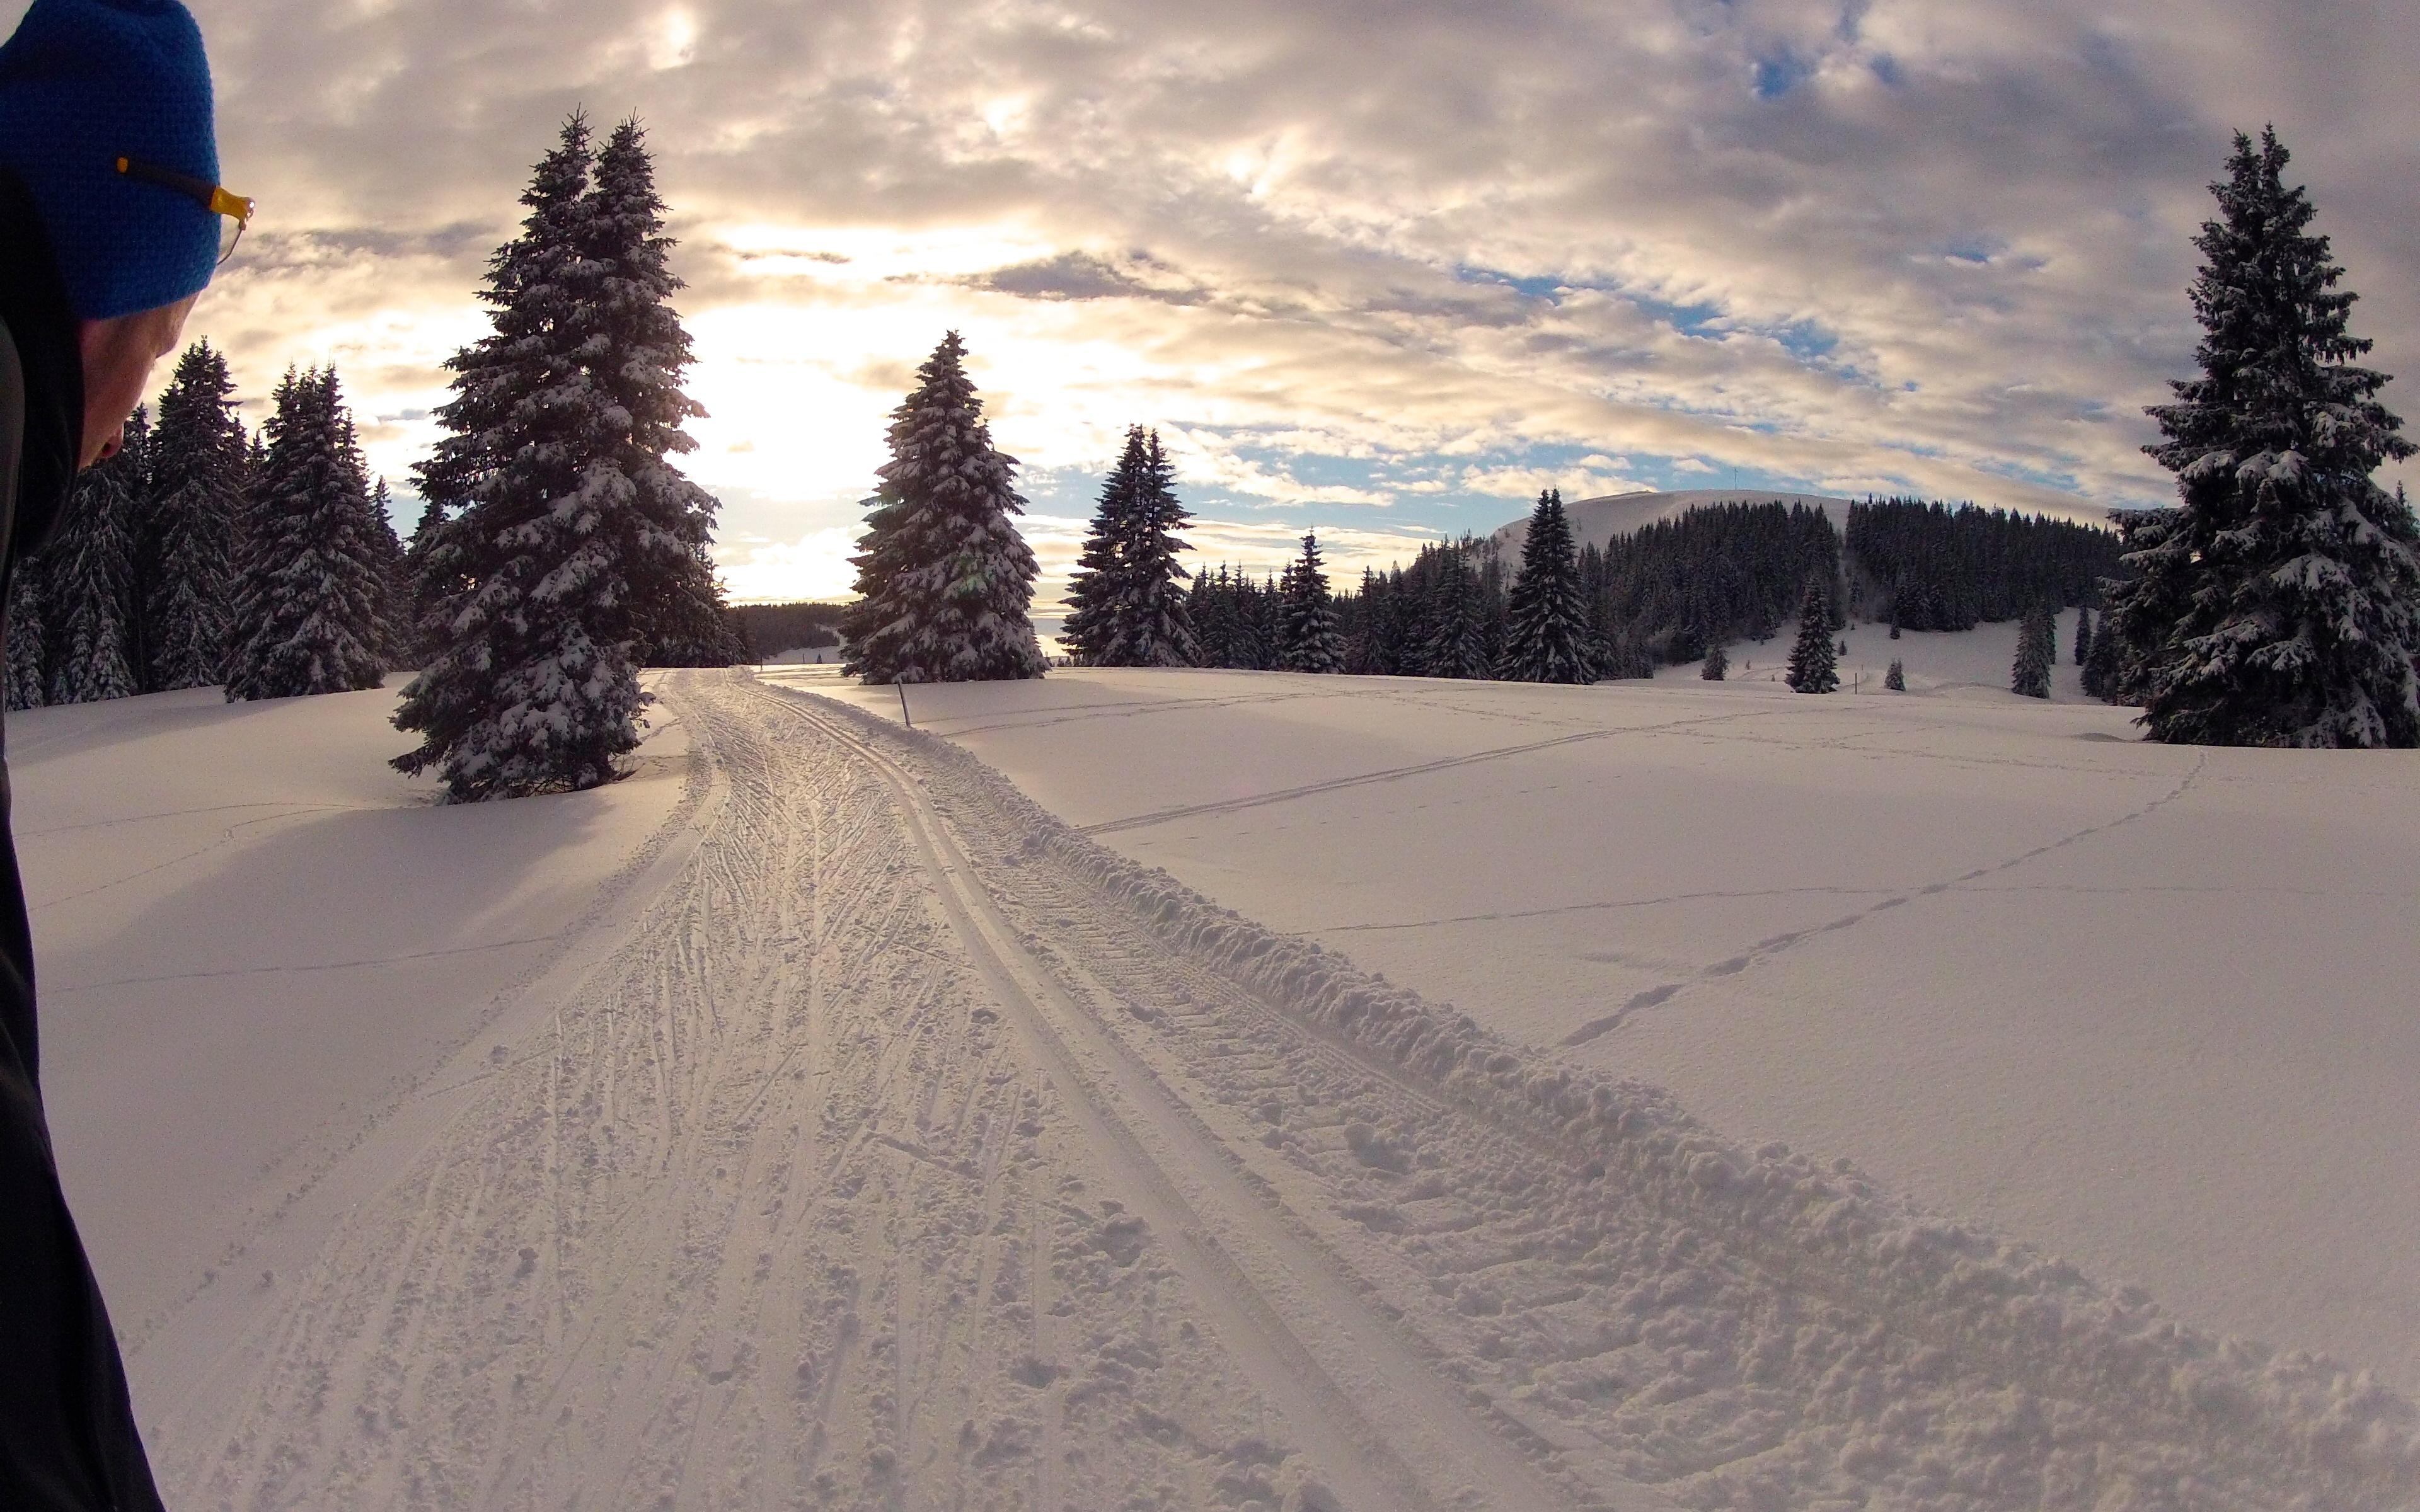 Wintertraining im Schnee: Das Mountainbike bekommt eine kurze Pause!